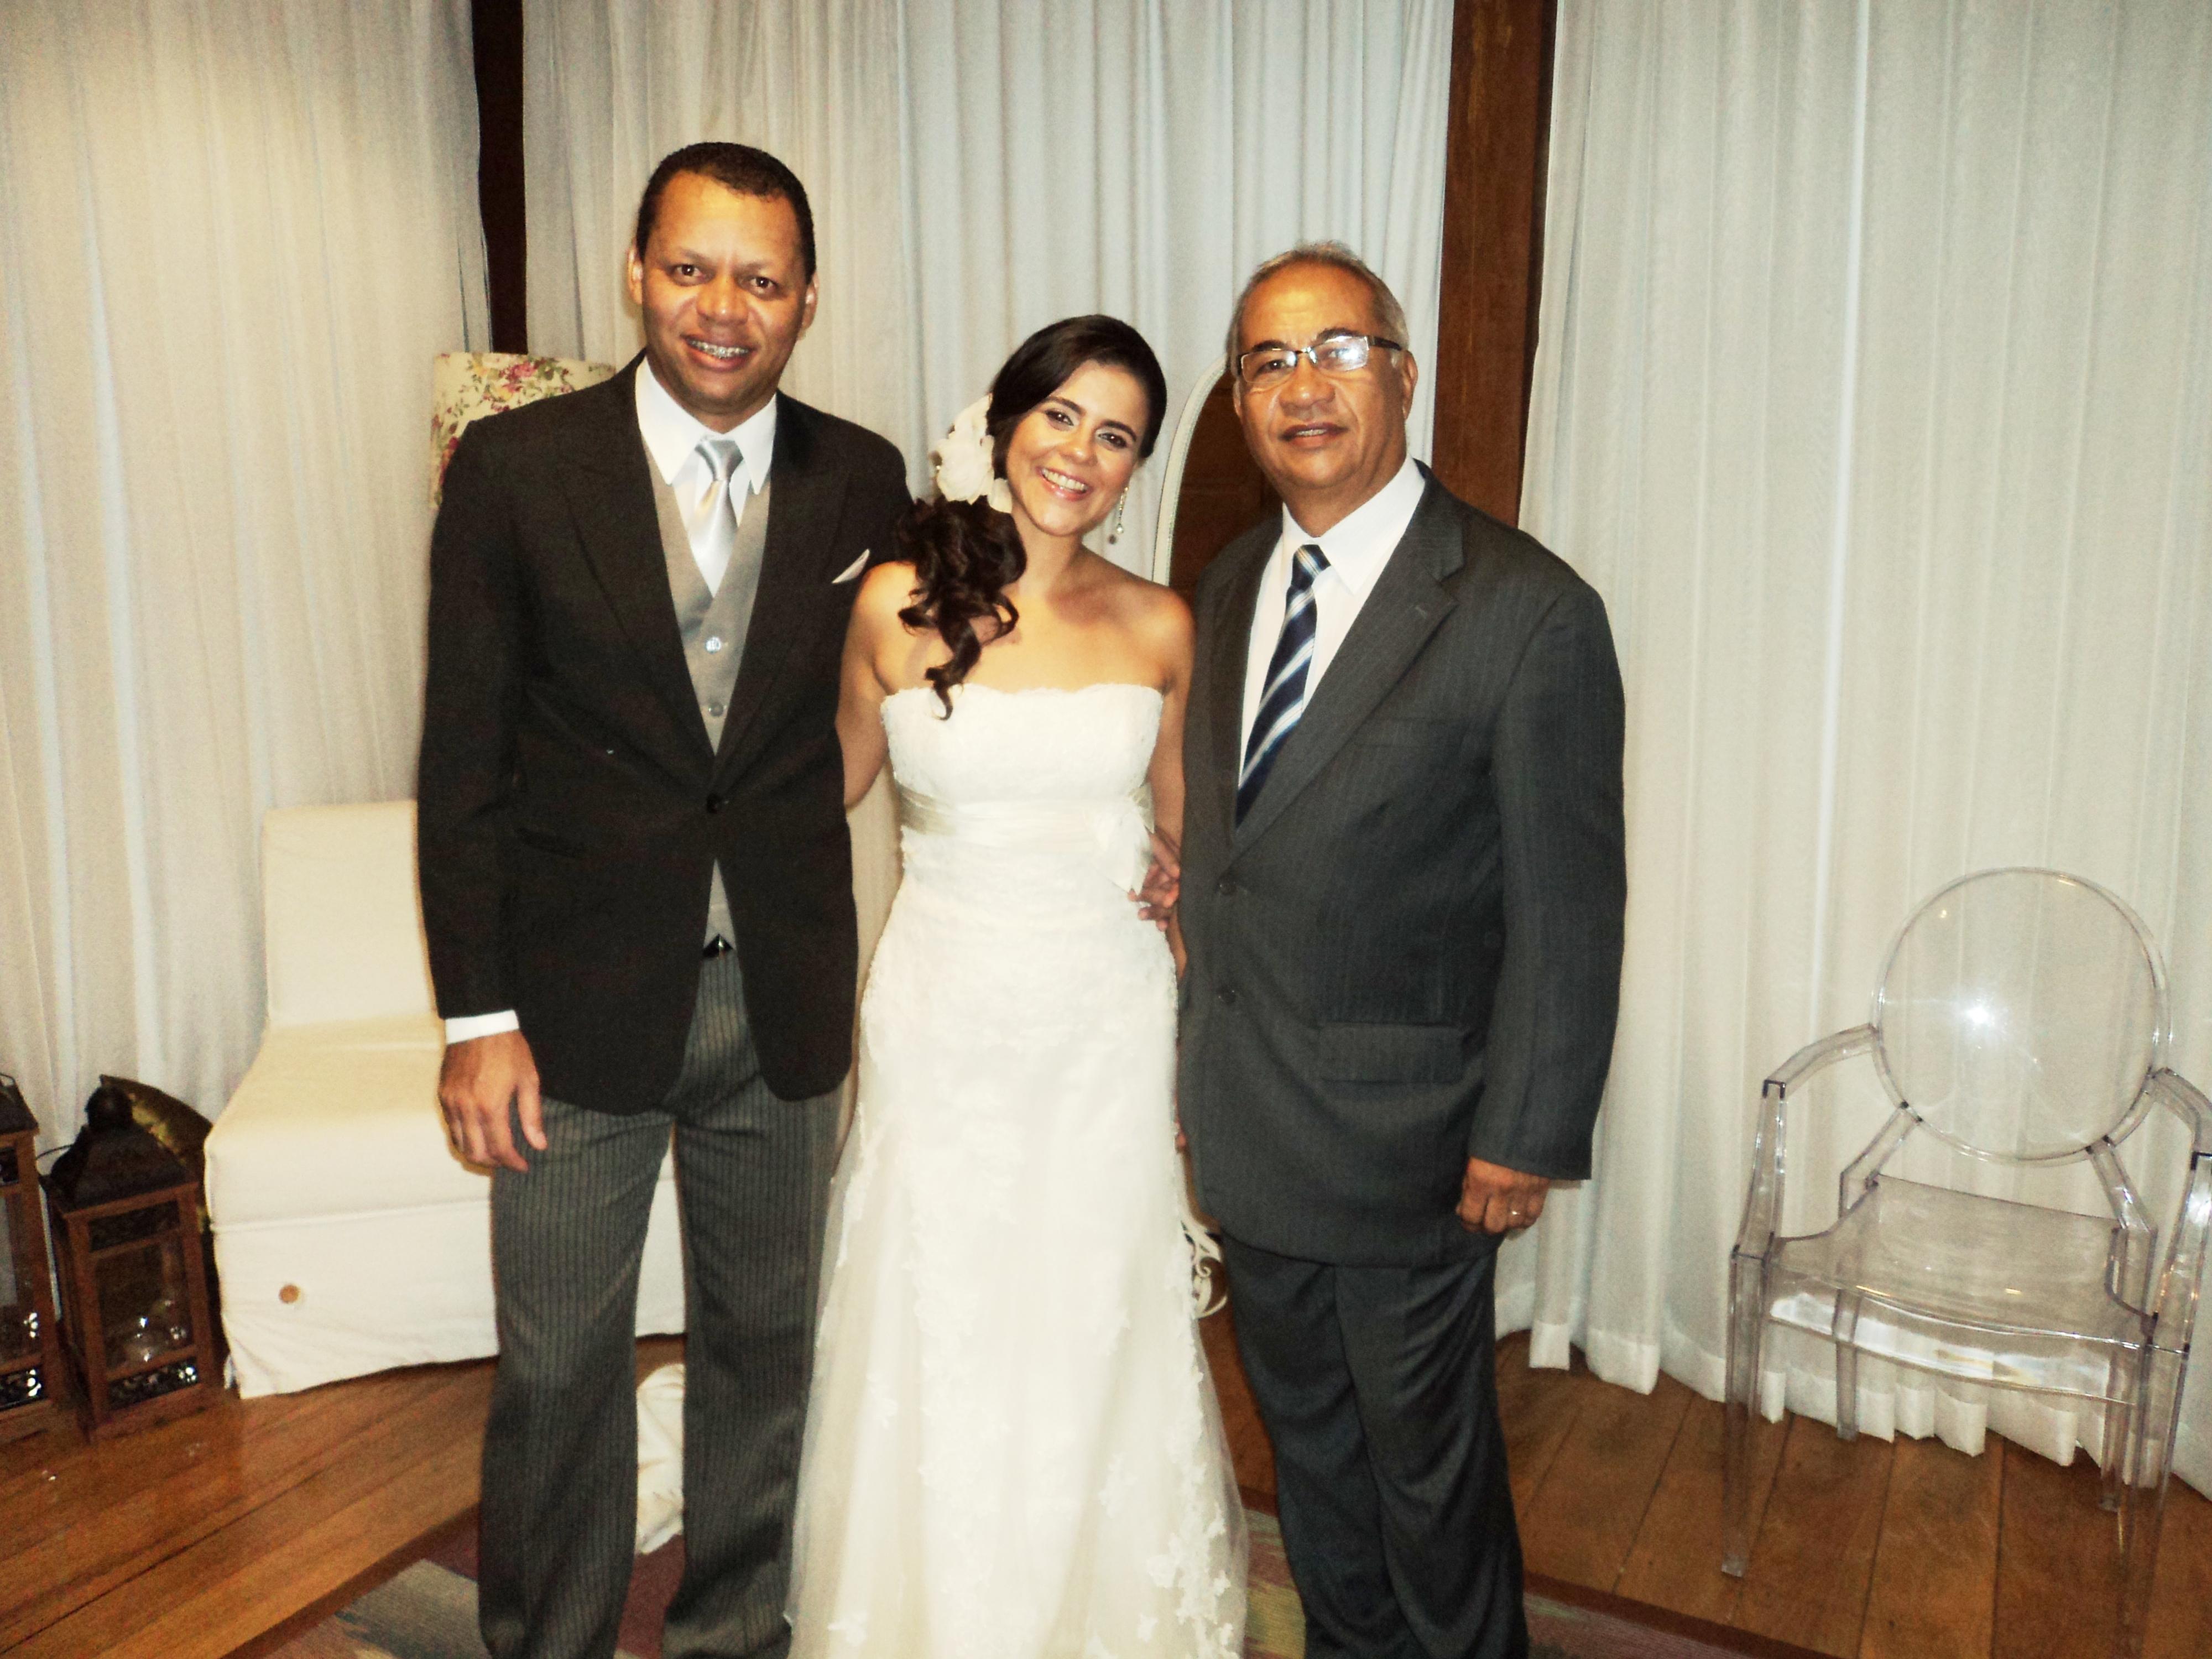 foto Túlio com noivos Cristiano e Priscilla